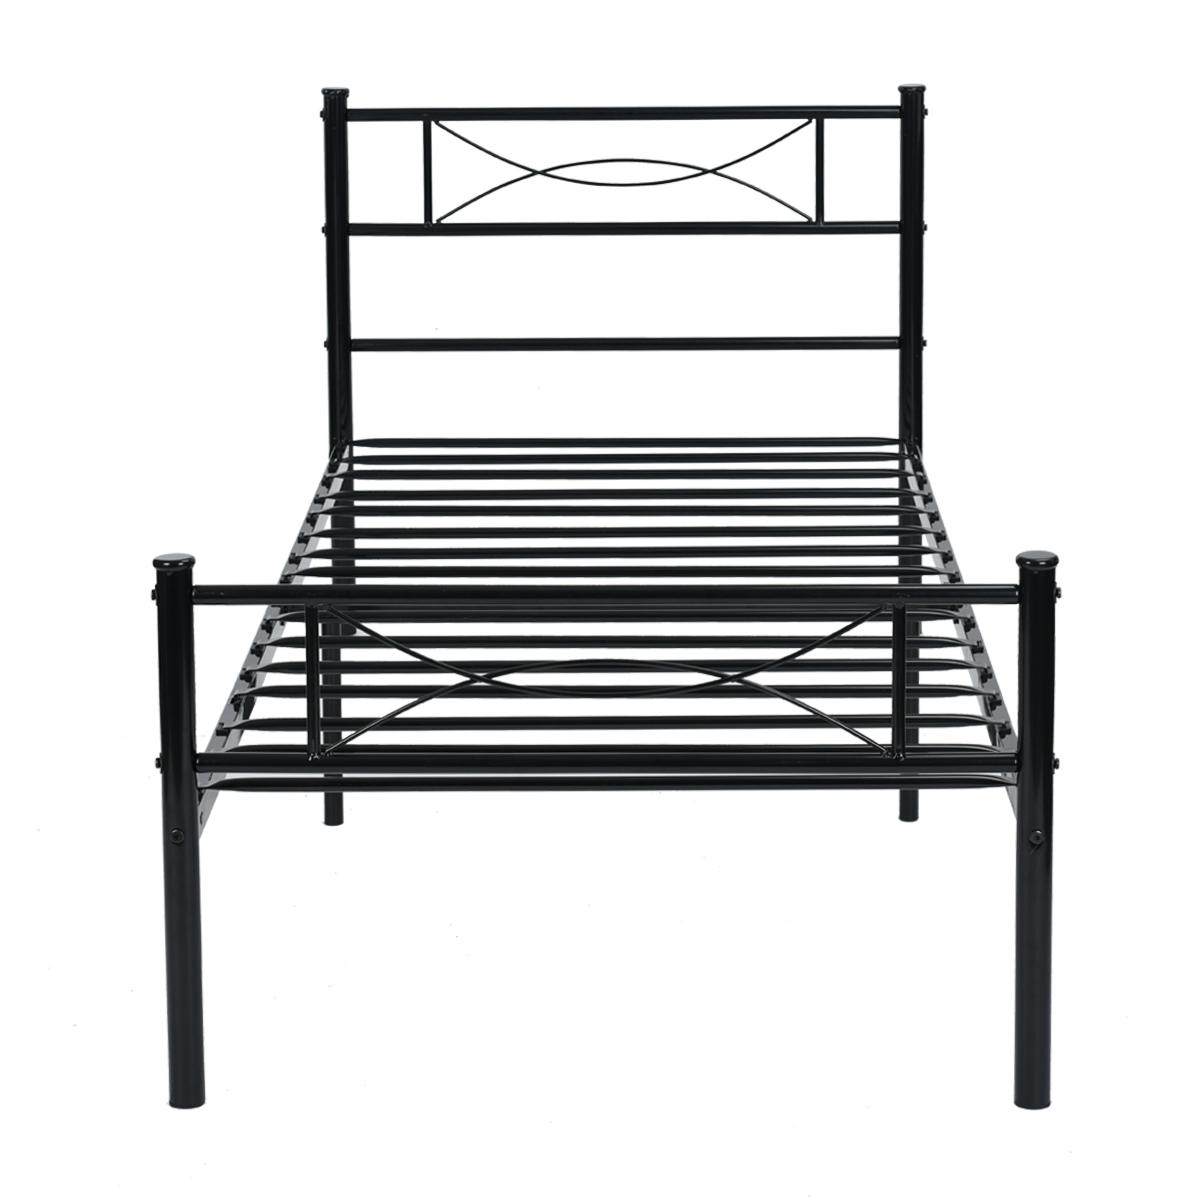 Marco de metal cama doble Tamaño Dormitorio Colchón de plataforma ...